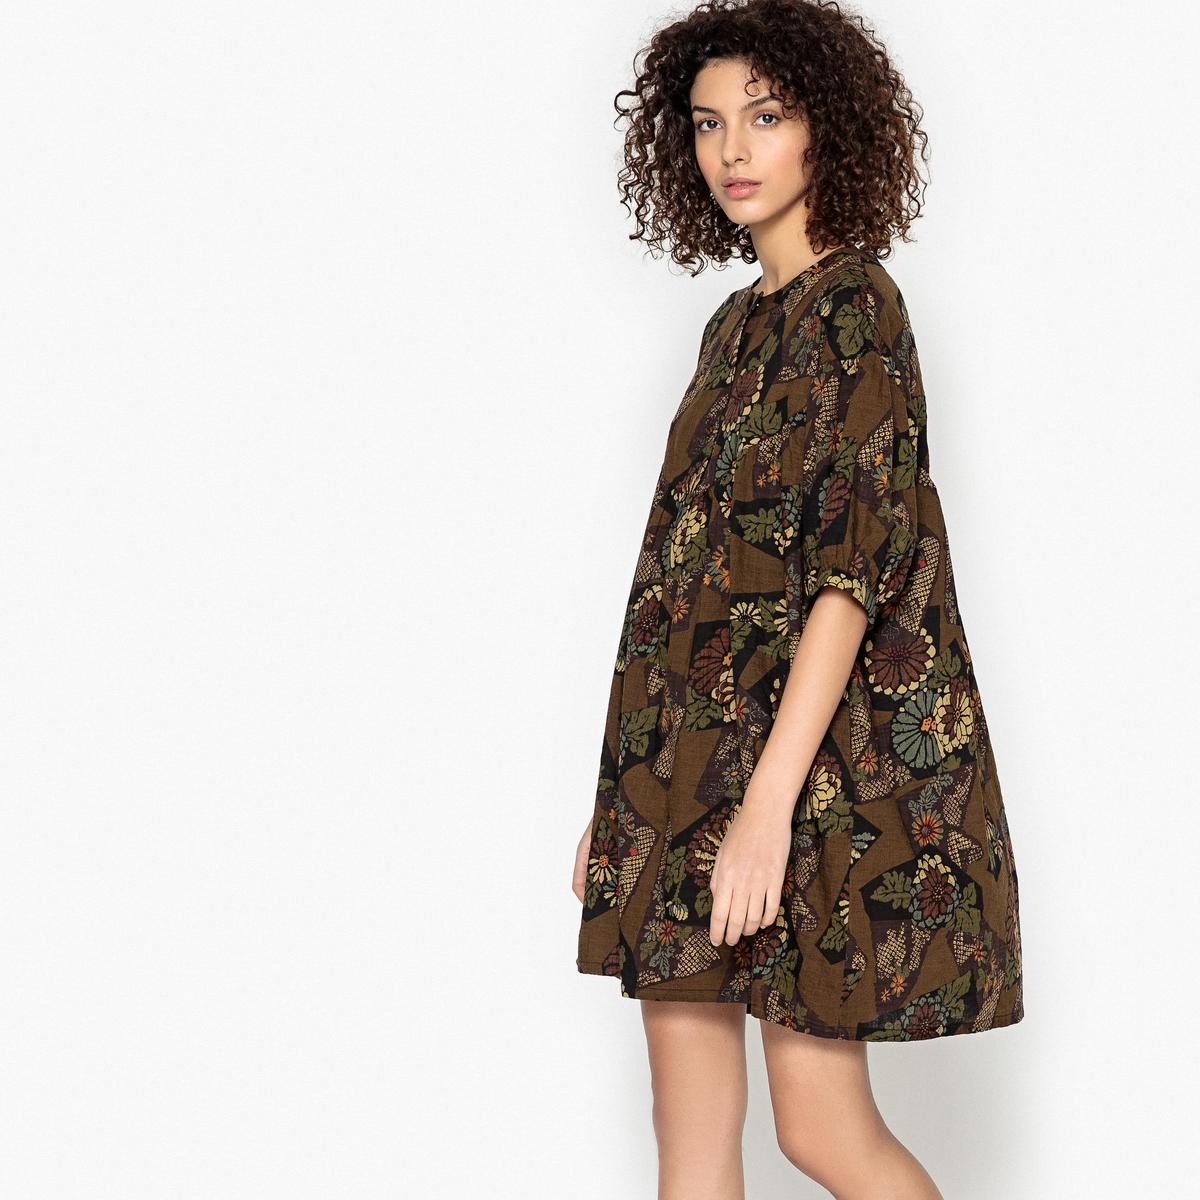 Платье короткое, расклешенное, с этническим рисунком